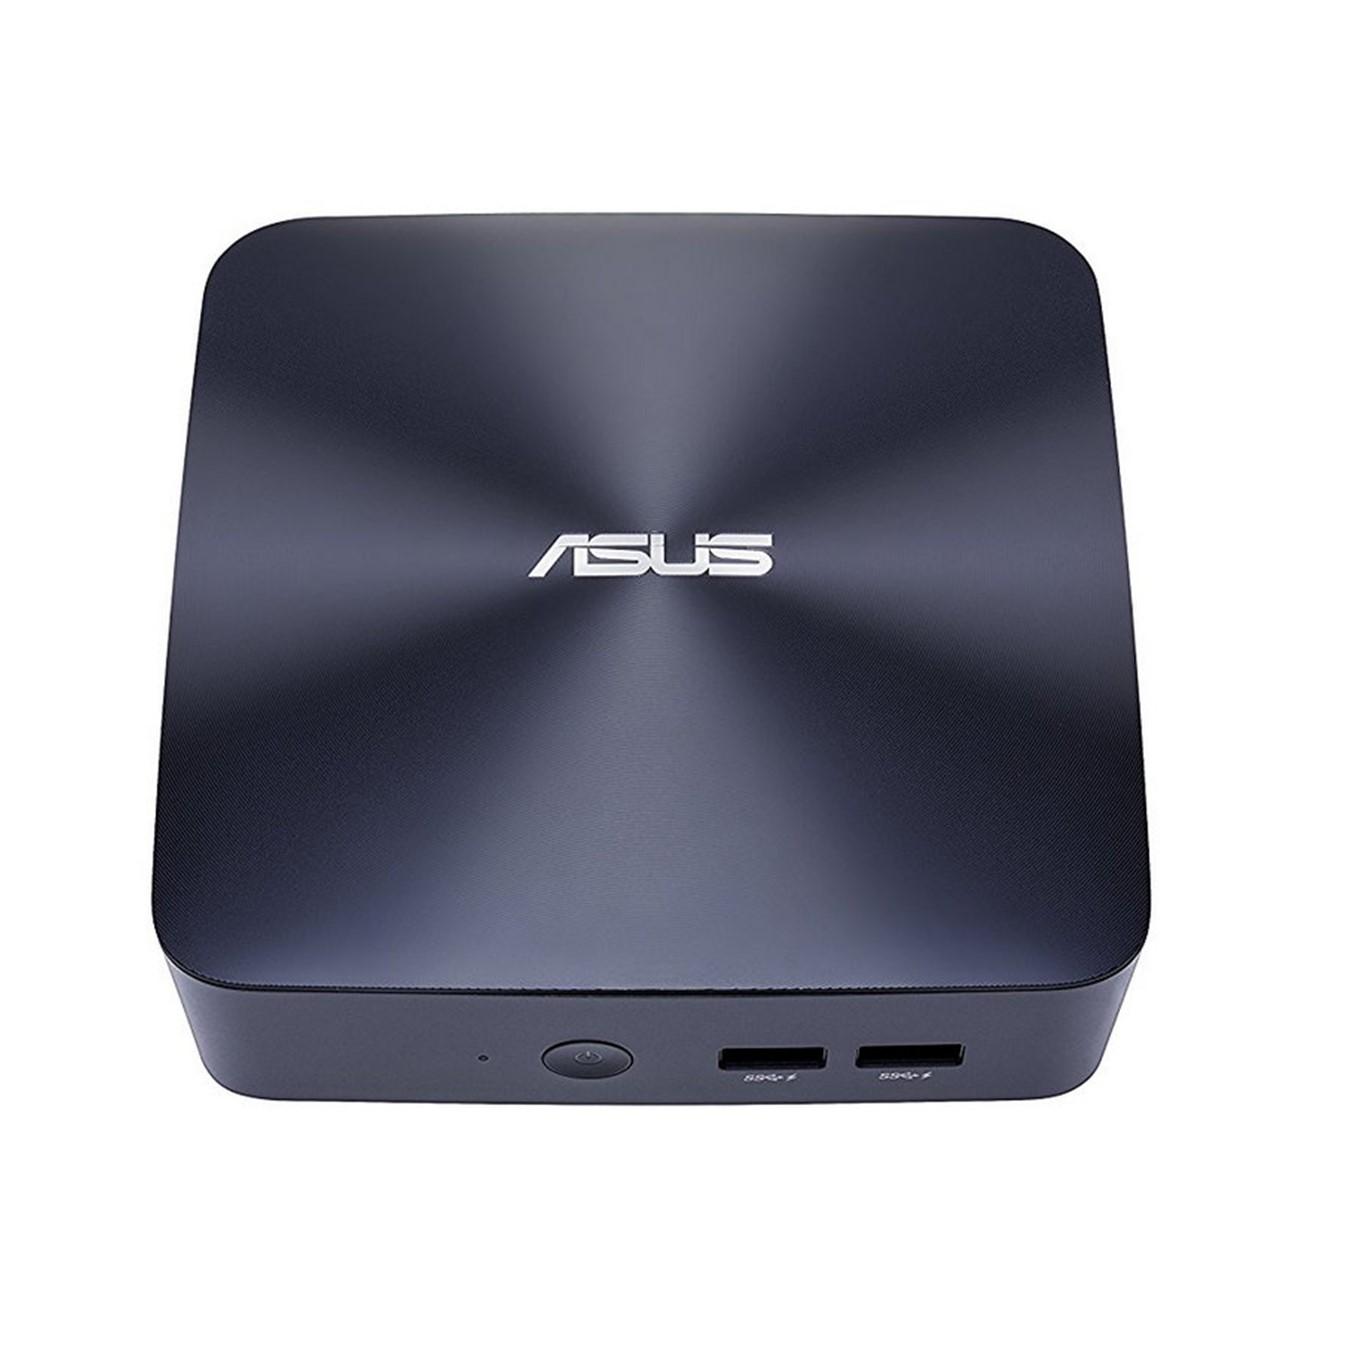 ASUS VivoMini UN65U - miniordenador - Core i3 7100U 2.4 GHz - 0 GB - 0 GB